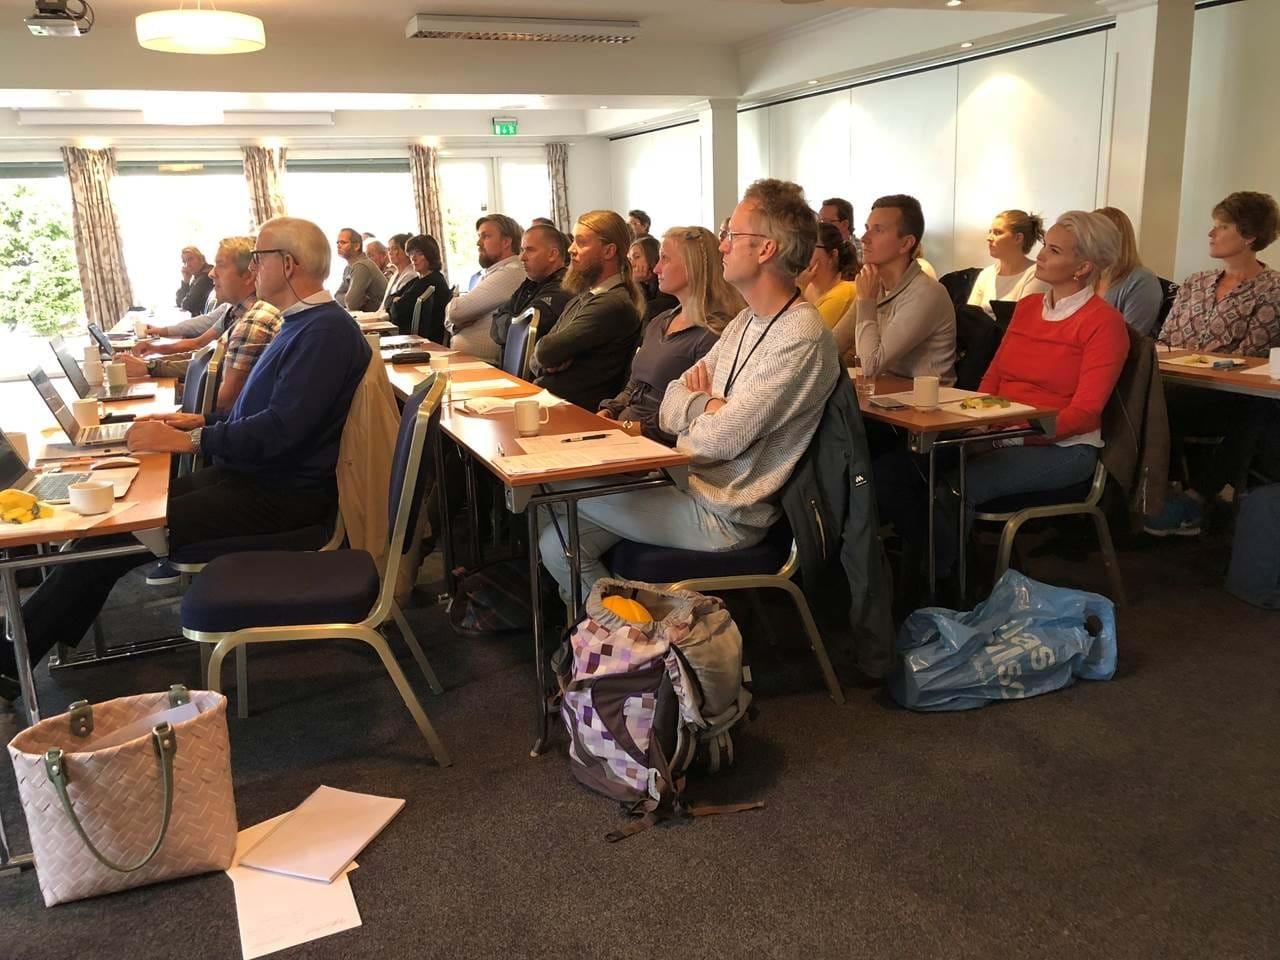 Ringerike, Hole og Modum kommune ønsker å bli en del av klimaløsningen